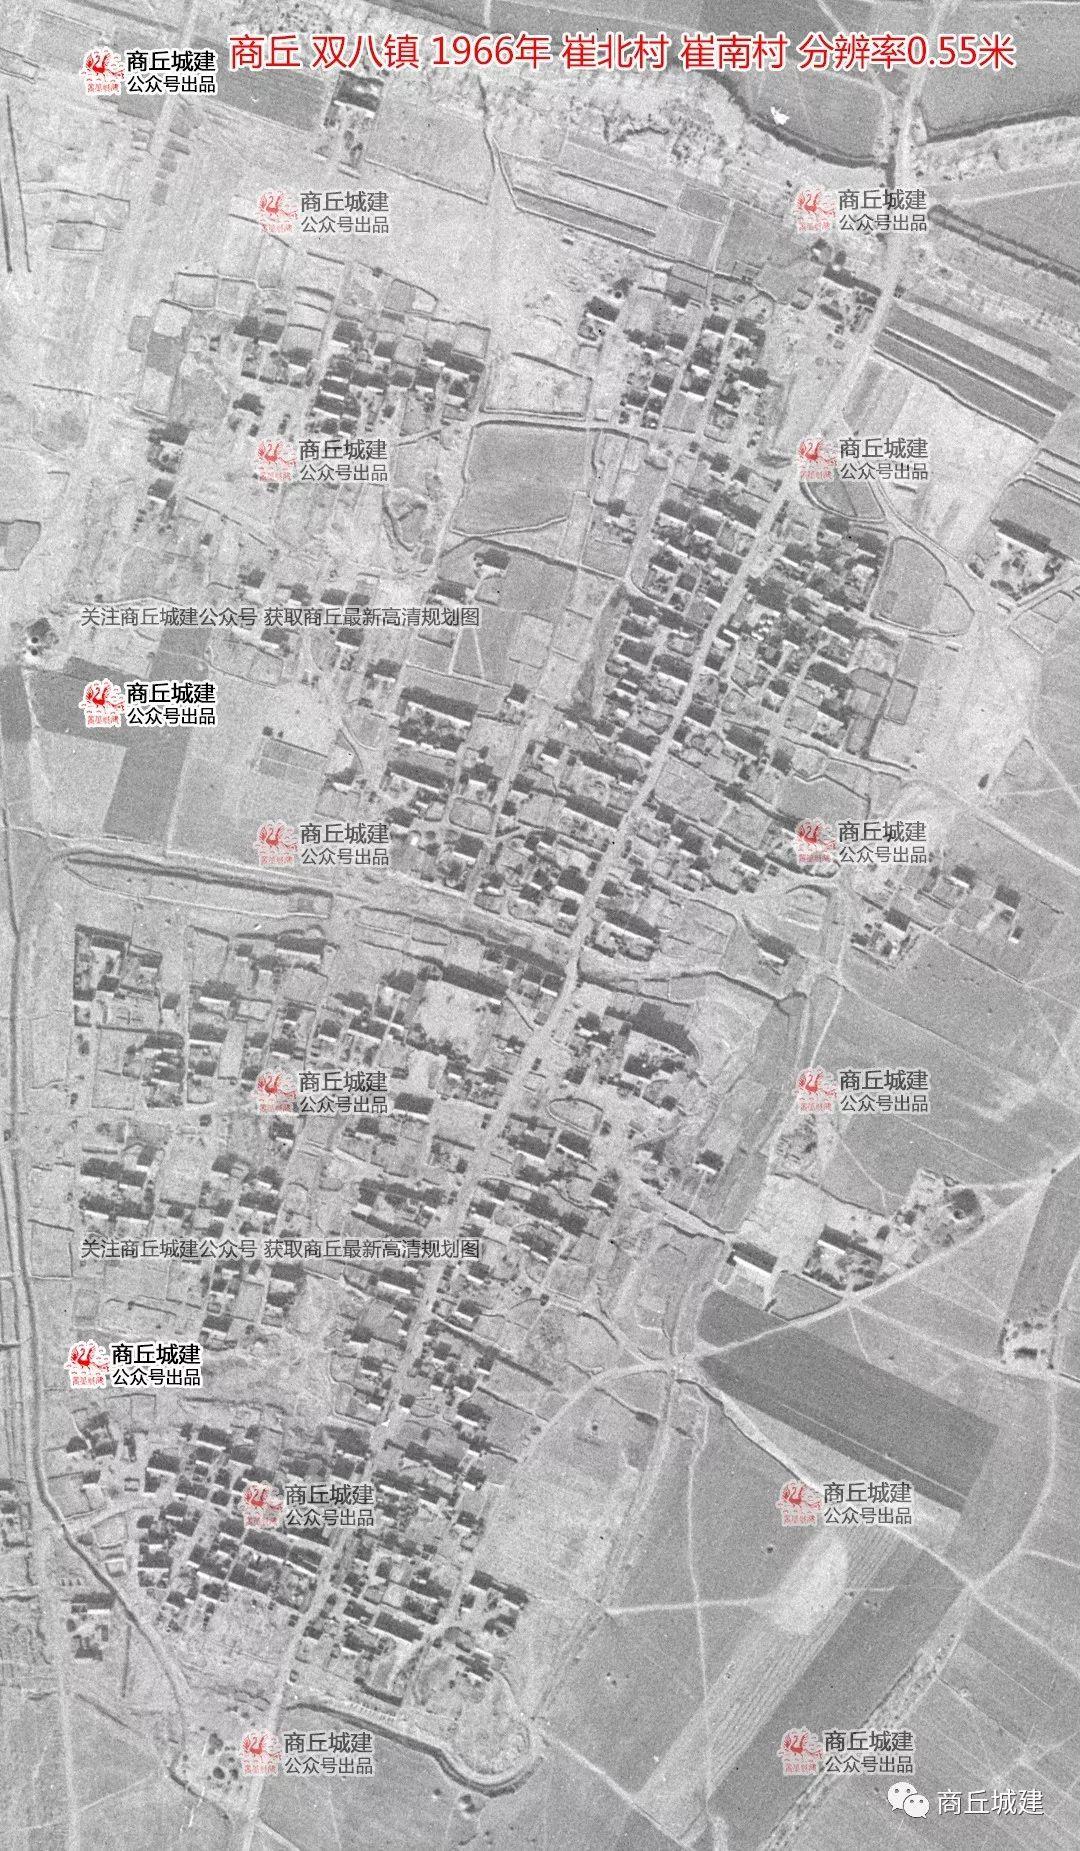 大陆村镇地图 - 大陆村镇卫星地图 - 大陆村镇高清航拍地图